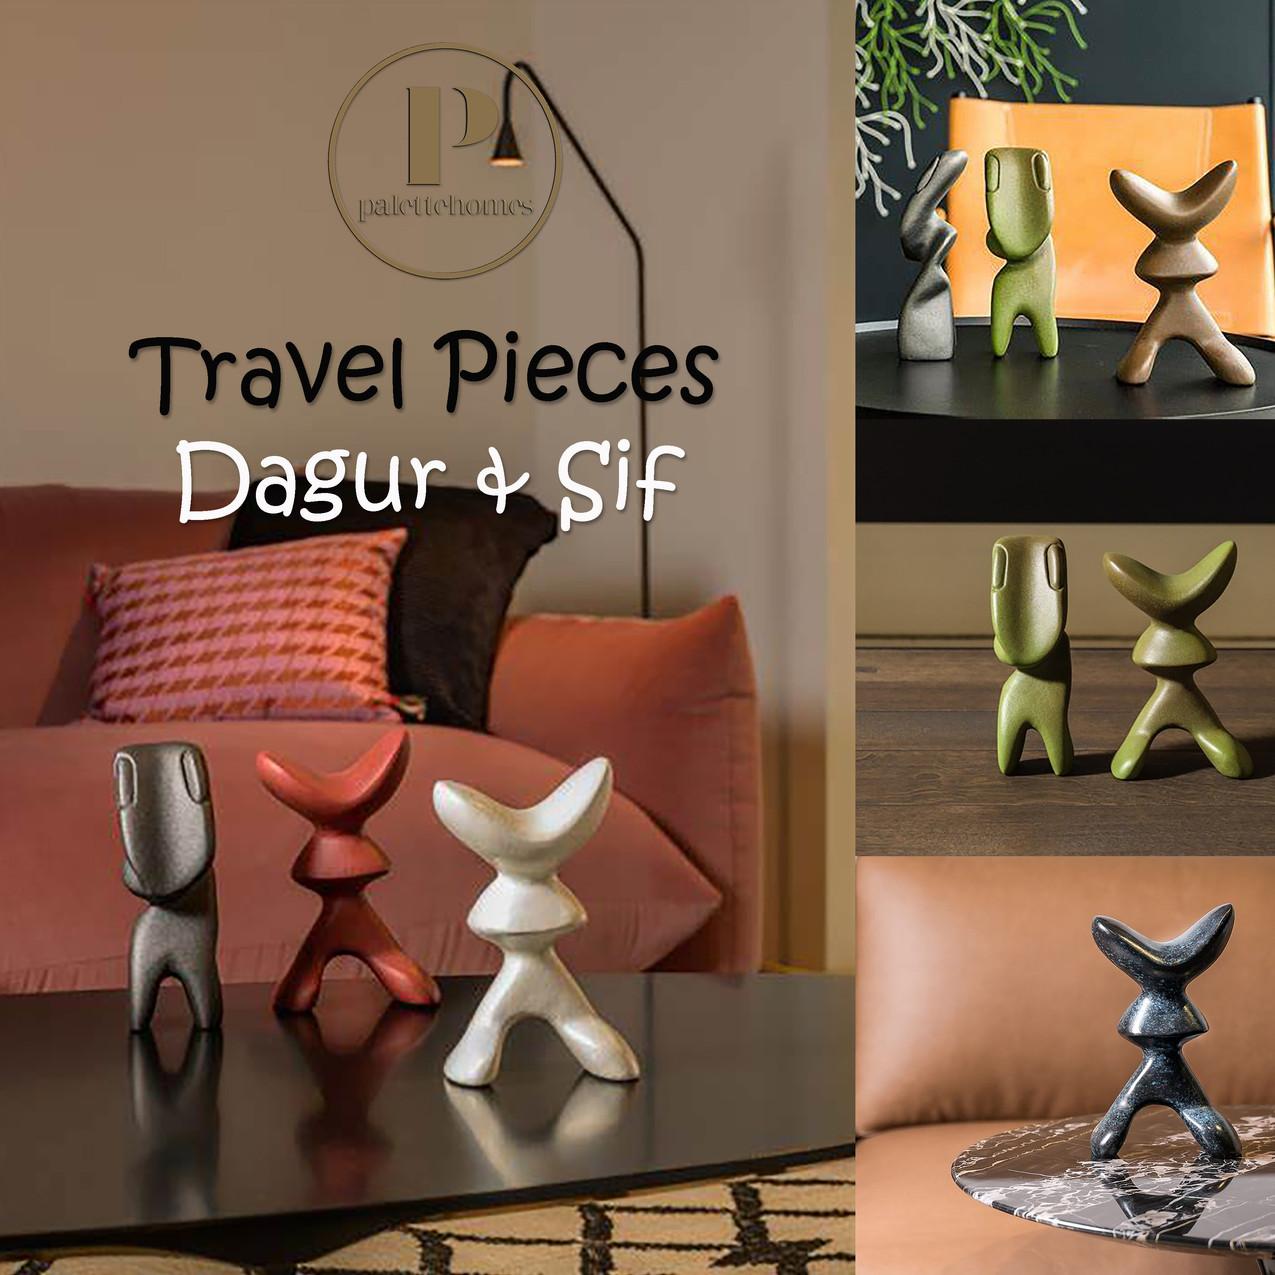 Travel Pieces: Dagur & Sif